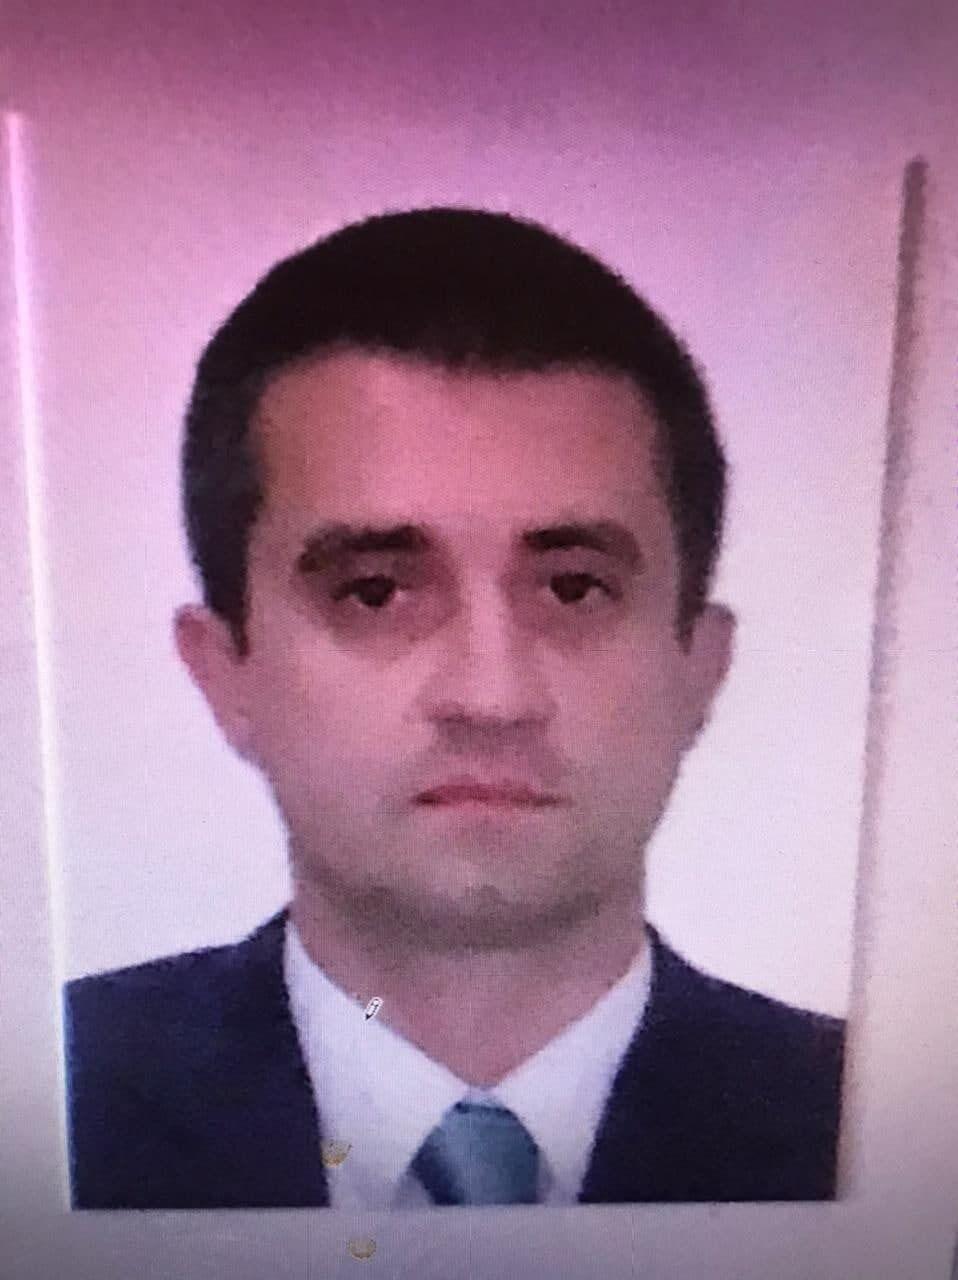 Задержанный украинский консул Александр Сосонюк.